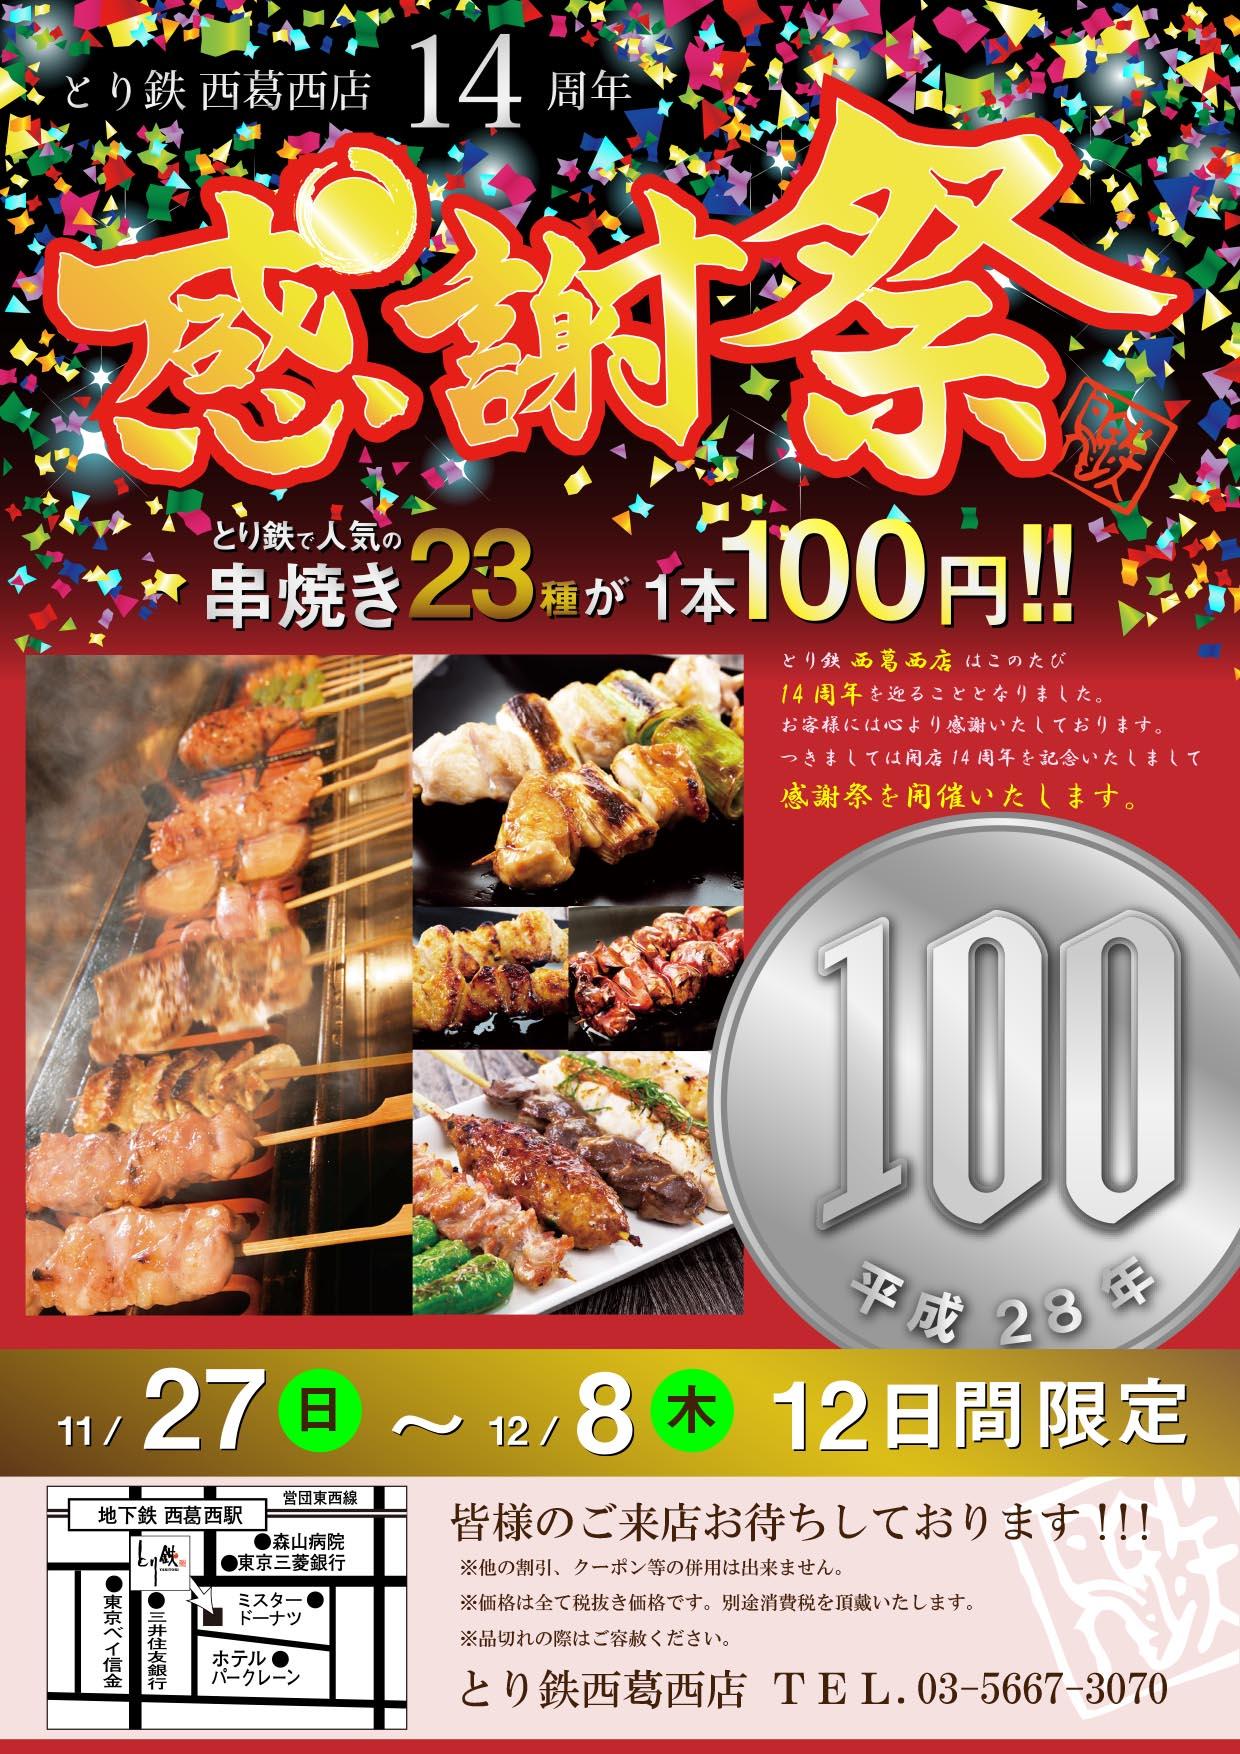 とり鉄 西葛西 14周年 焼き鳥100円